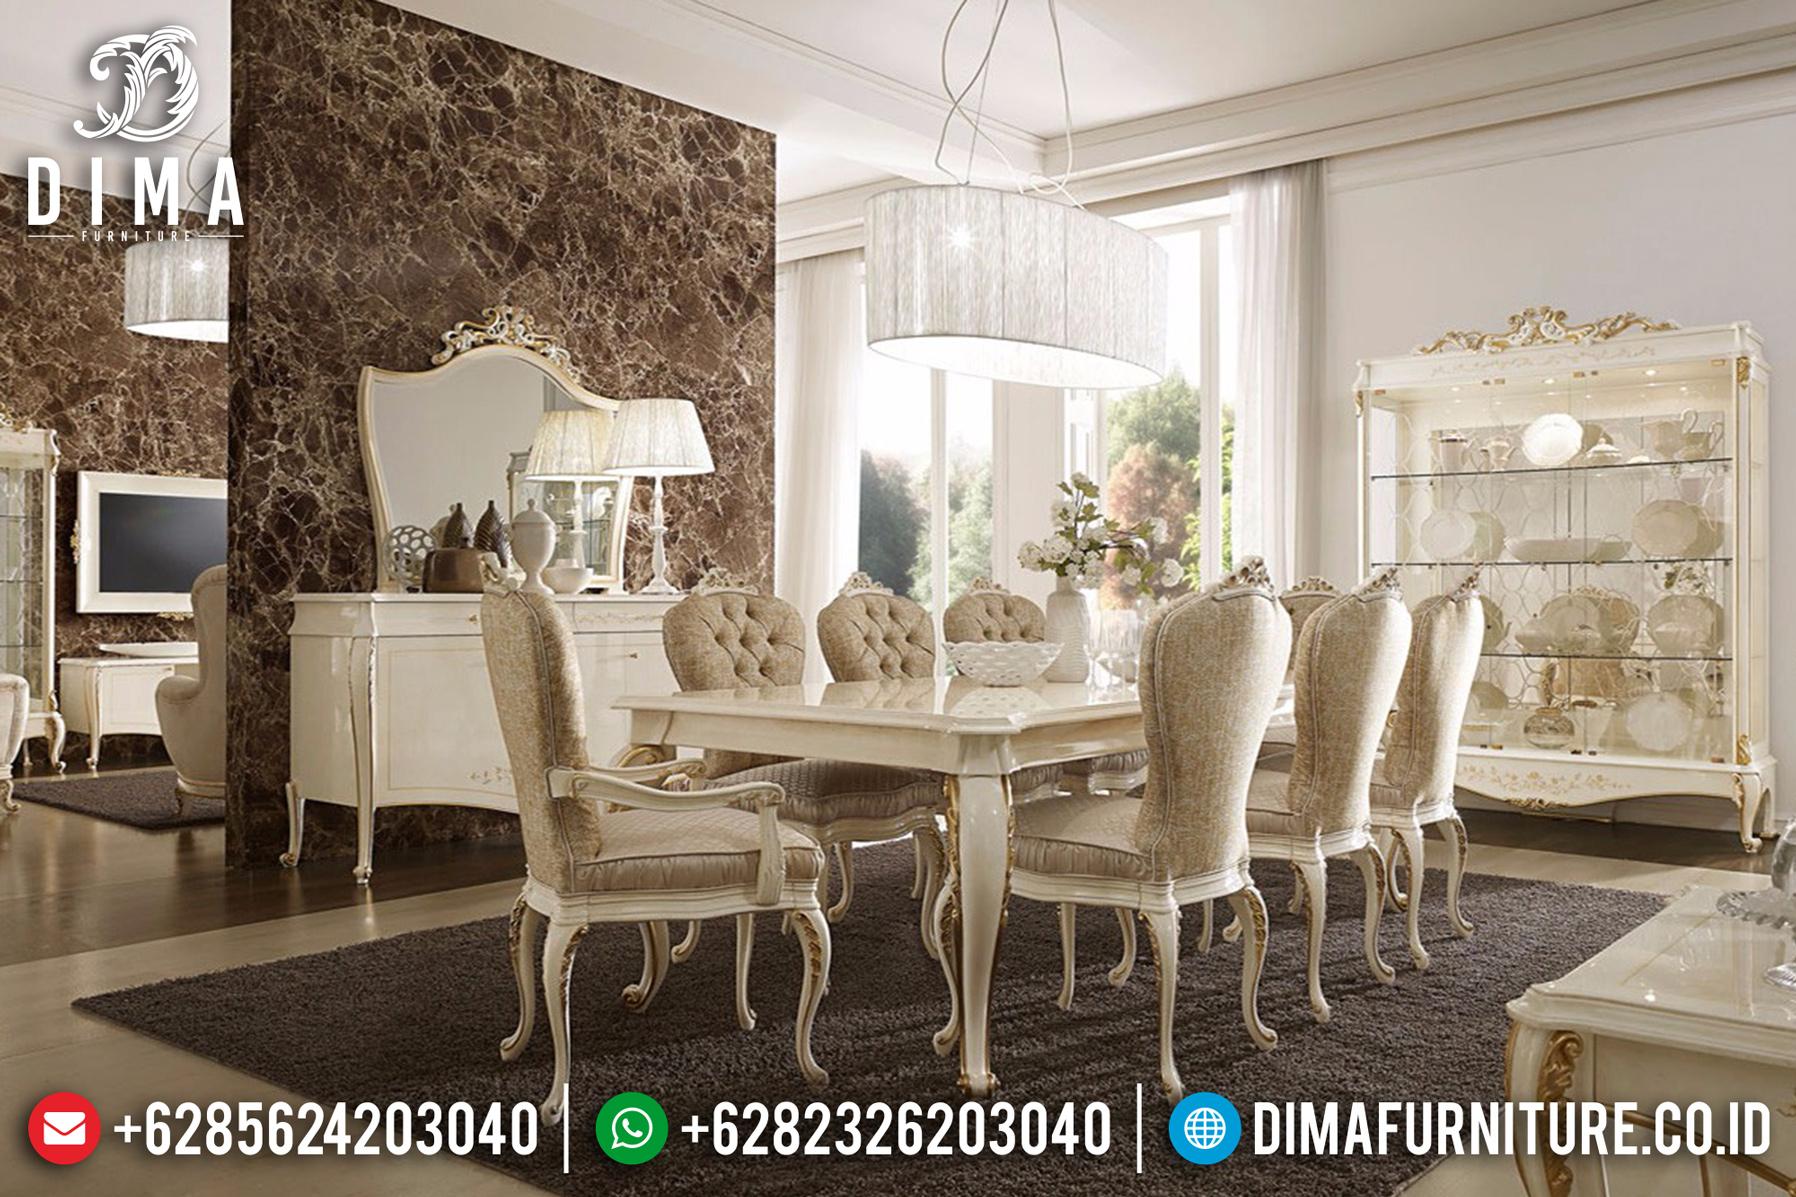 Meja Ruang Makan Minimalis, Kursi Makan Mewah, Meja Makan Jepara DF-0728